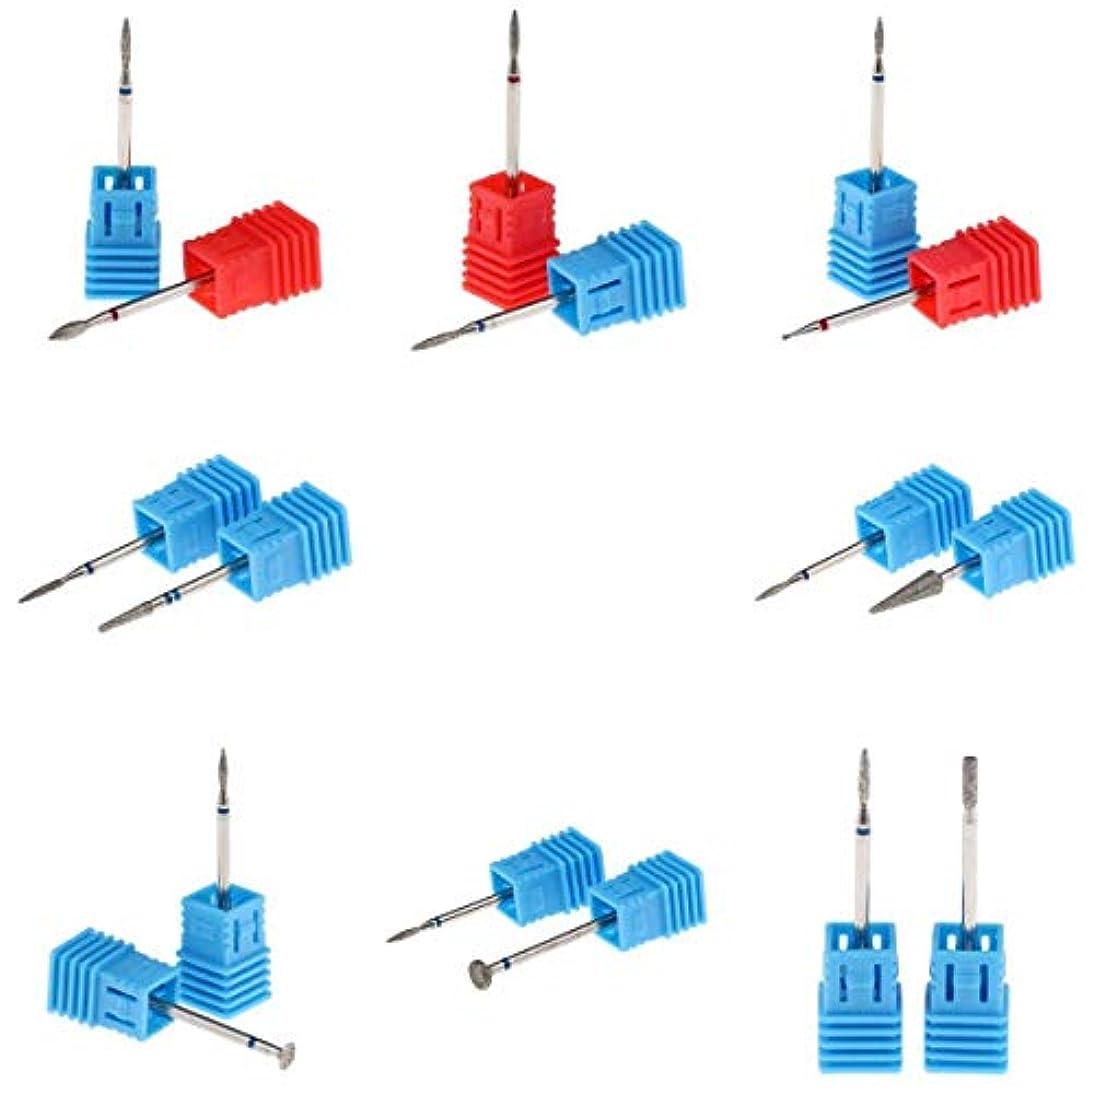 横オピエートぬれたT TOOYFUL 電気ネイルドリルビット ネイルバレルヘッド 耐熱性 耐酸性 16個